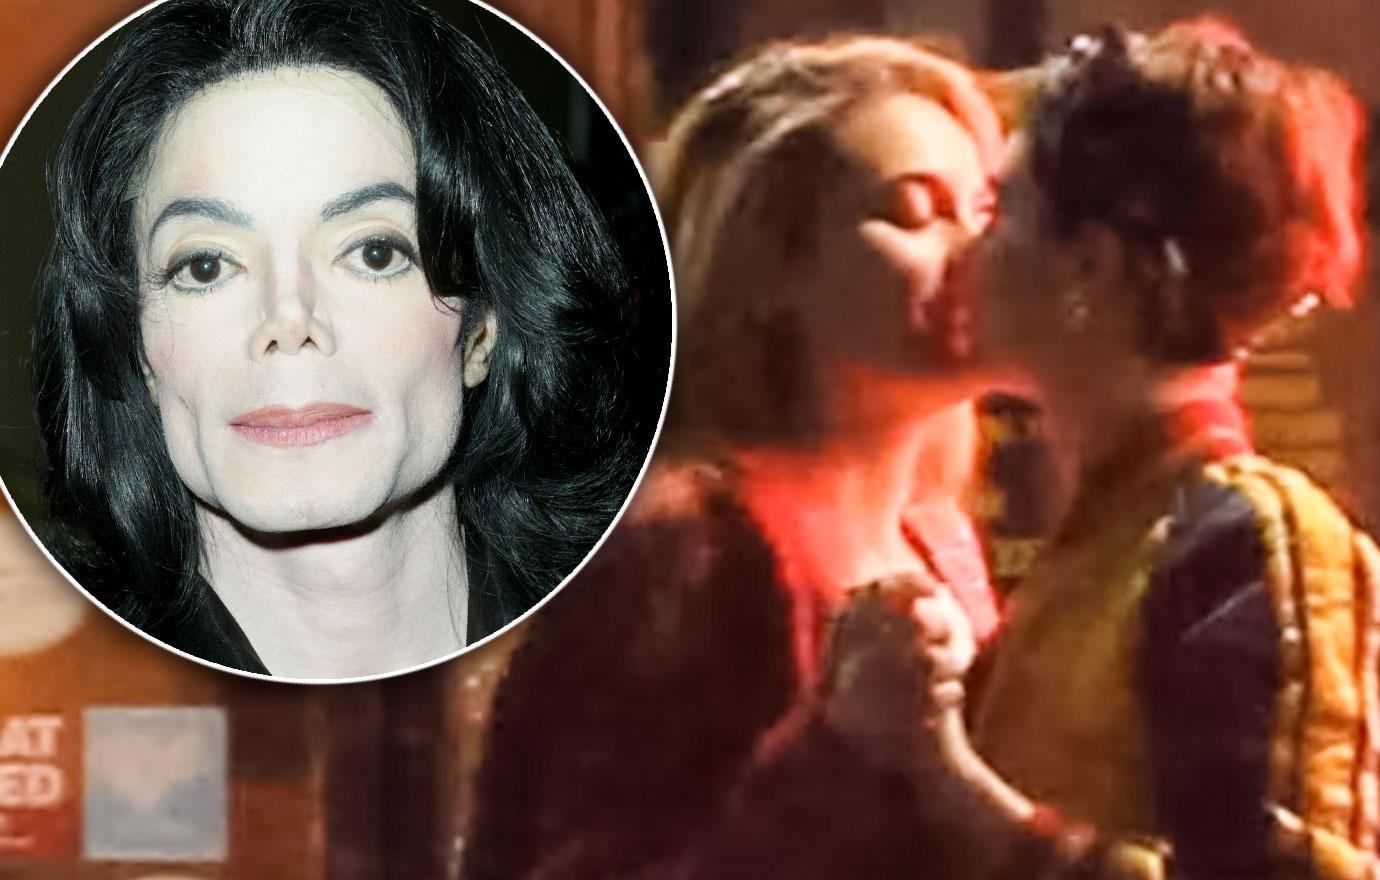 Michael Jackson Would Be Proud Of Paris Jackson Cara Delevigne Romance